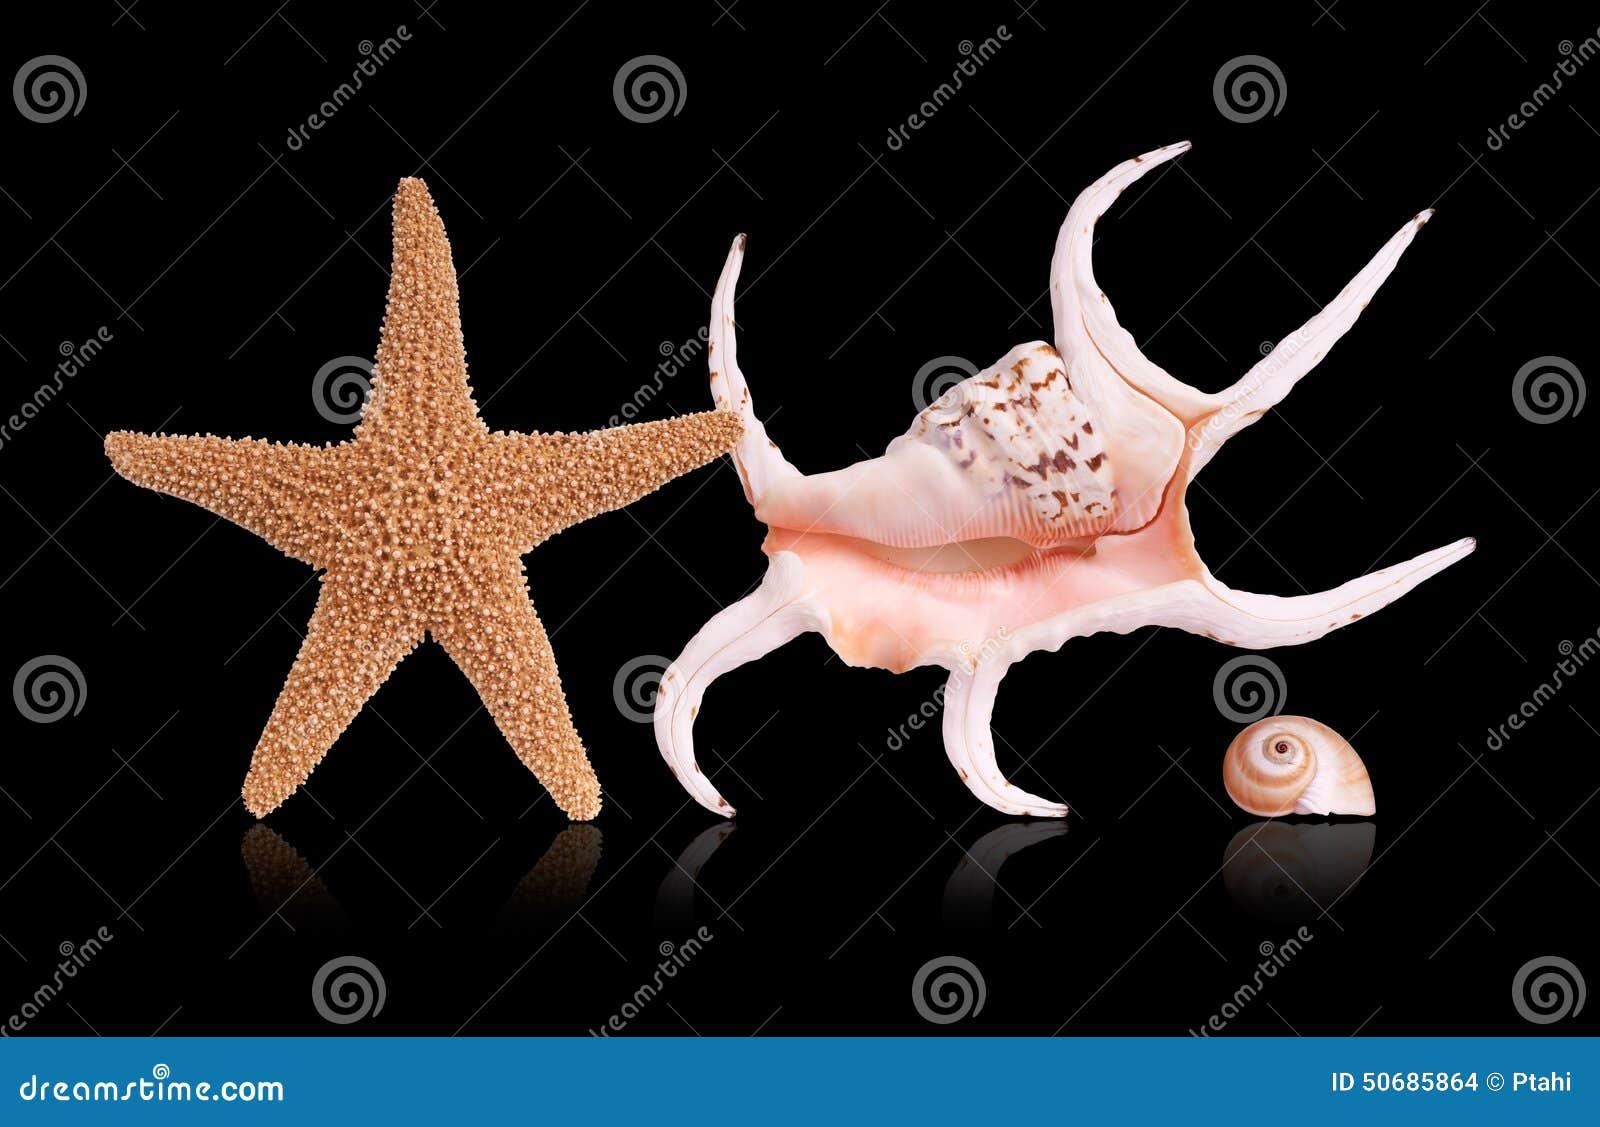 Download 海运轰击海星 库存照片. 图片 包括有 传记, 敌意, 贝类, 热带, 贝壳, 海星, 巧克力精炼机, 生活 - 50685864